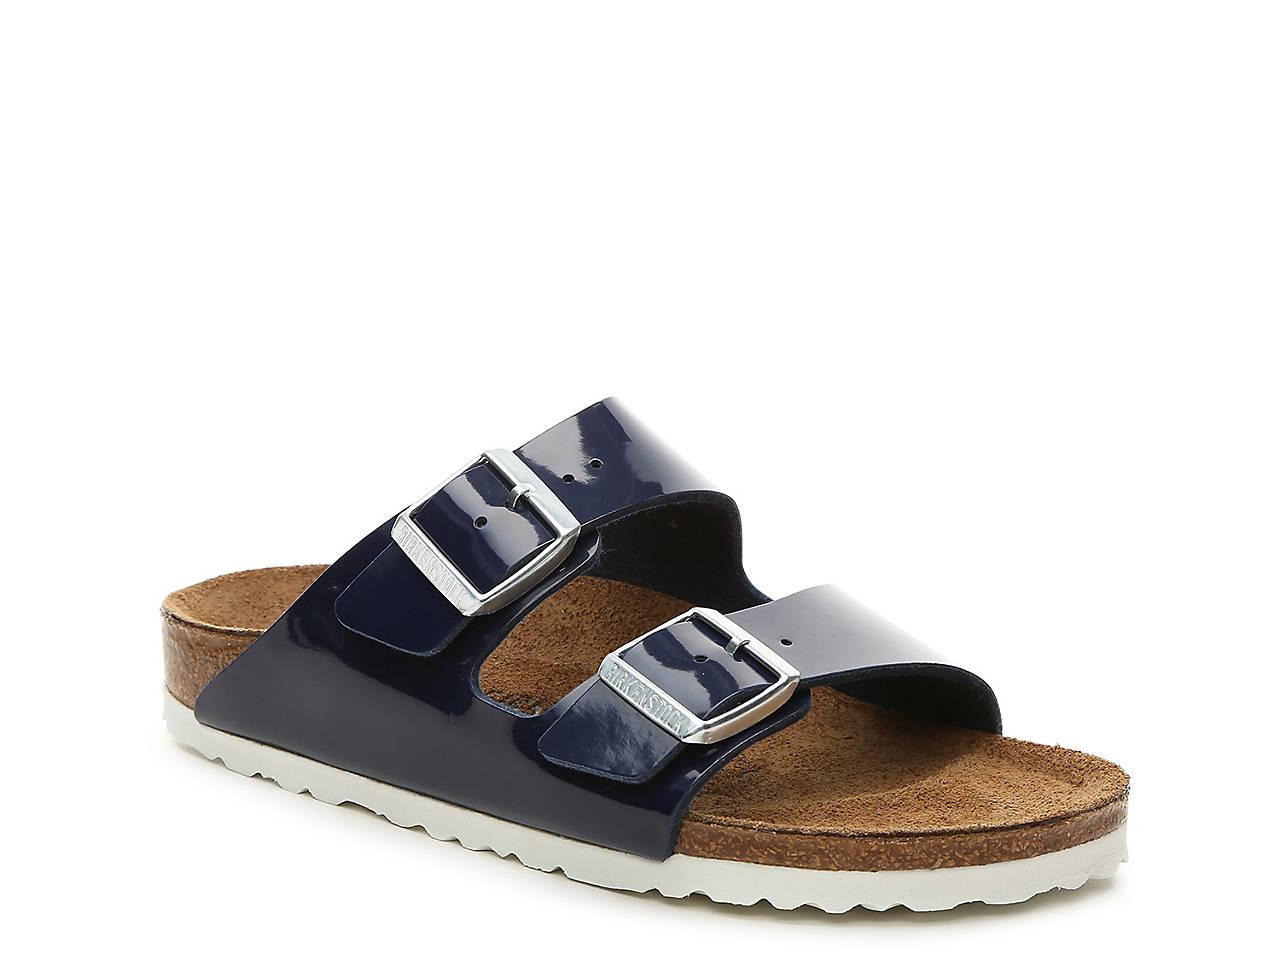 78e96a83dd5f Birkenstock Arizona Flat Sandal - Women s Women s Shoes